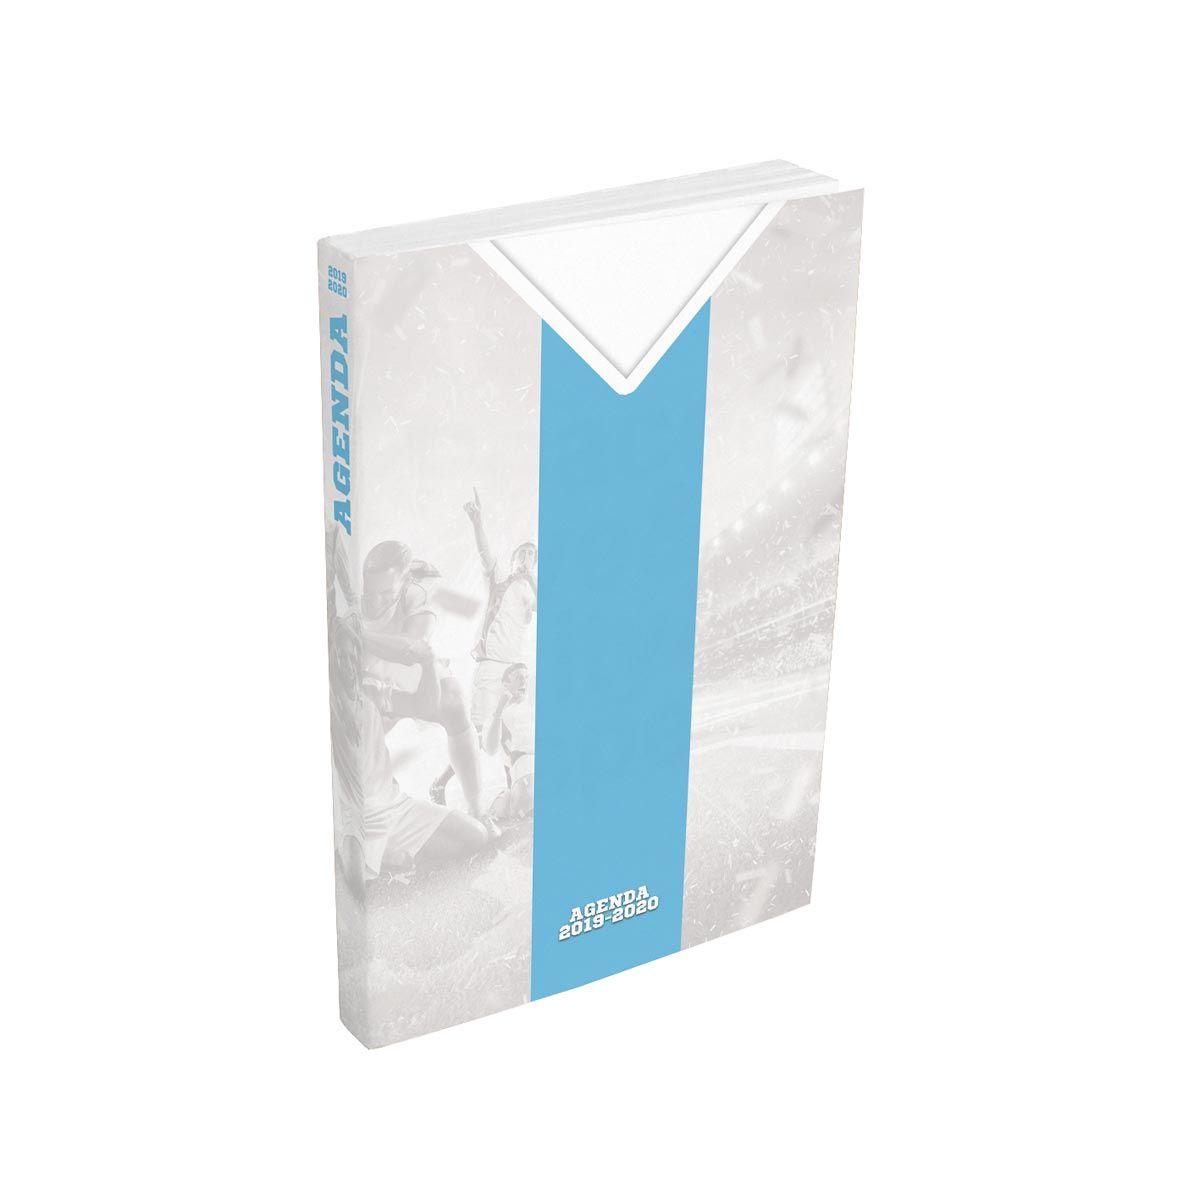 Agenda scolaire journalier garçon 320 pages 12x17cm couverture cartonnée souple blanc et bleu foot 2019 2020